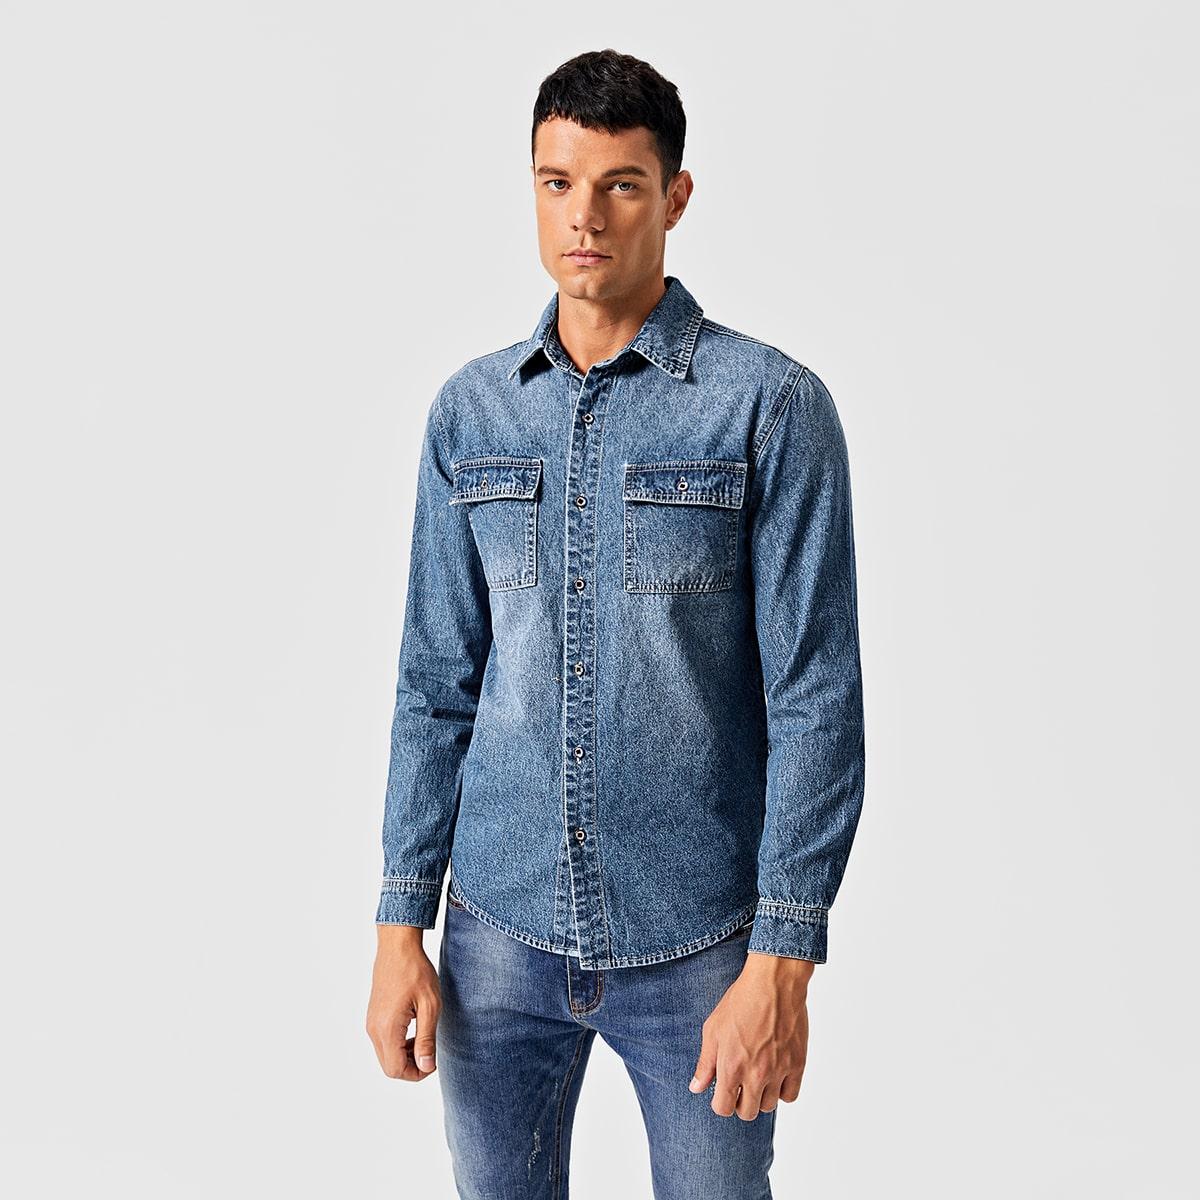 SHEIN / Camisas vaqueras para hombre Bolsillo Liso Azul lavado medio Casual